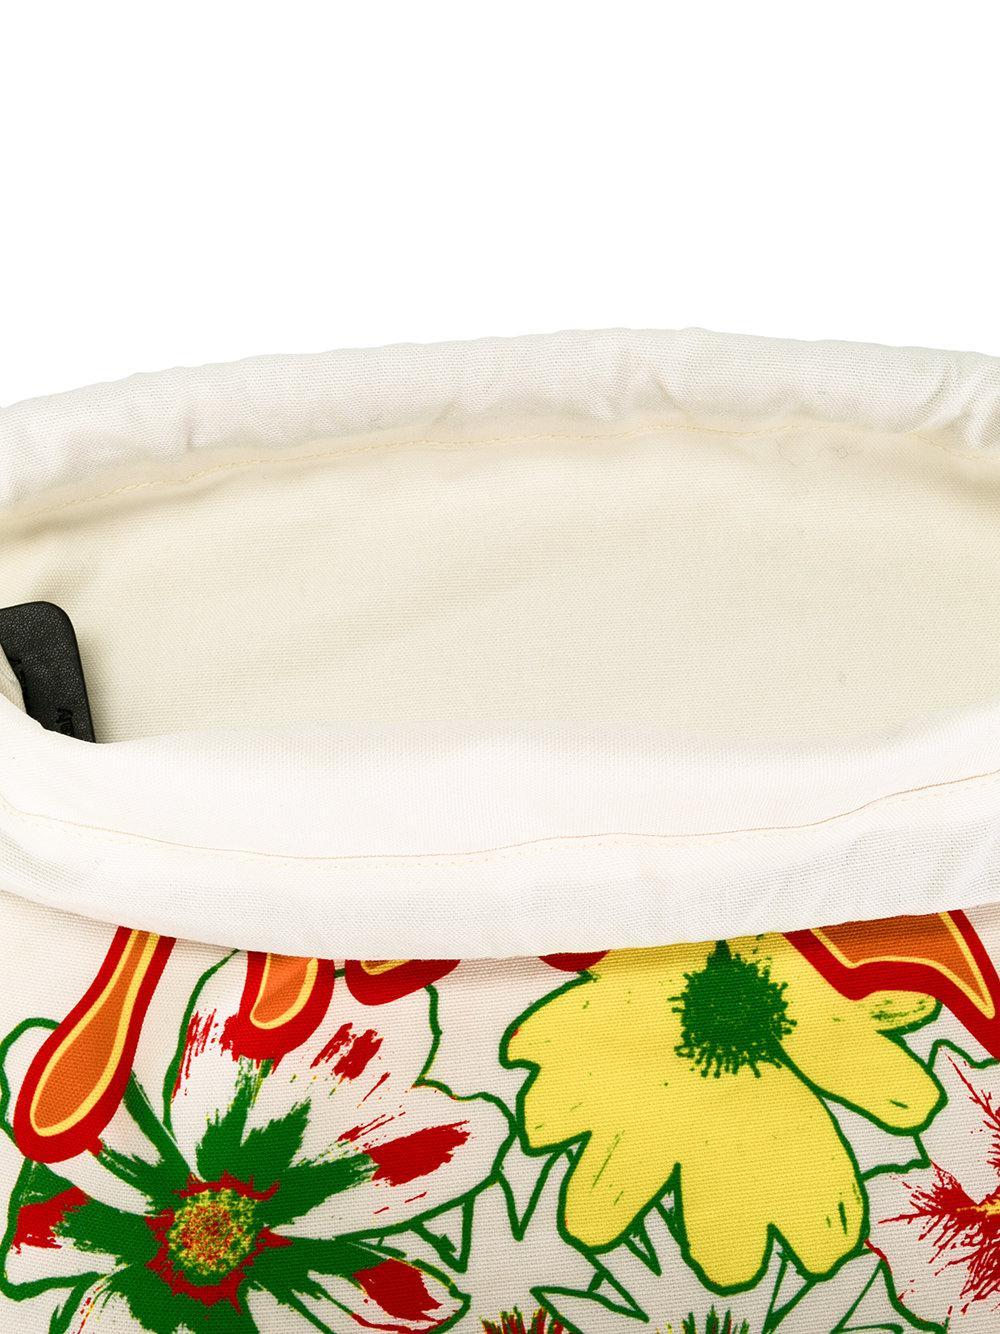 Stella McCartney Nice One Print Backpack in White